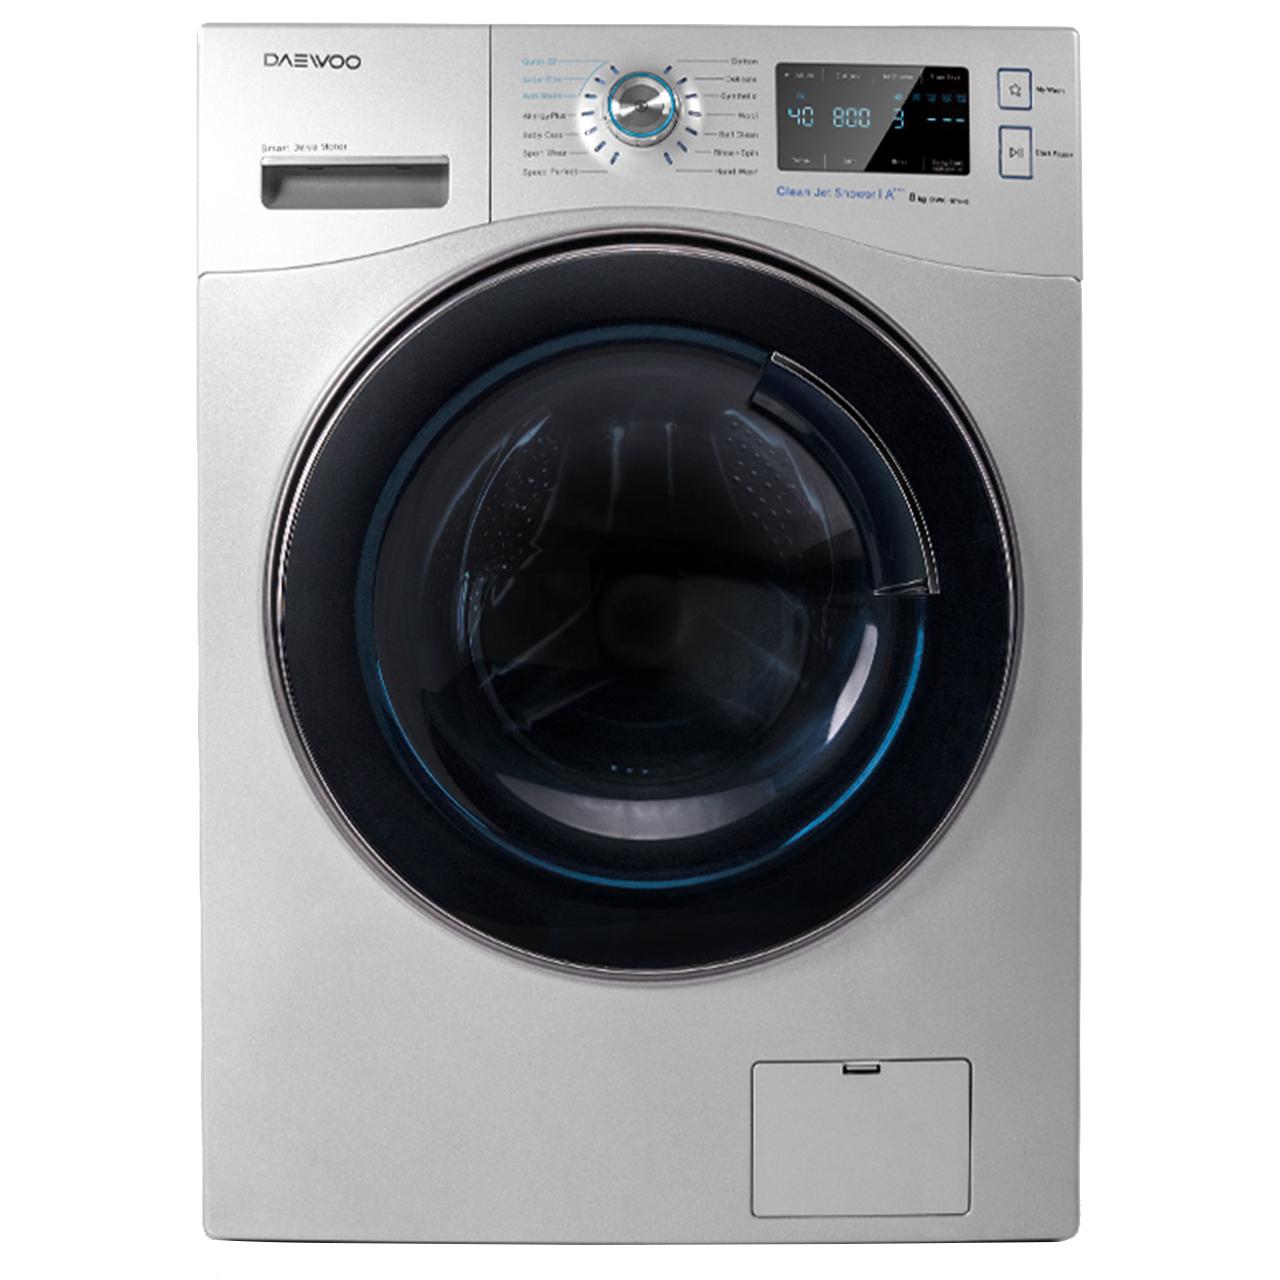 دوو لباسشویی دوو سری پریمو مدل DWK-PRIMO81 | Daewoo Washing Machine Model DWK-PRIMO۸۱